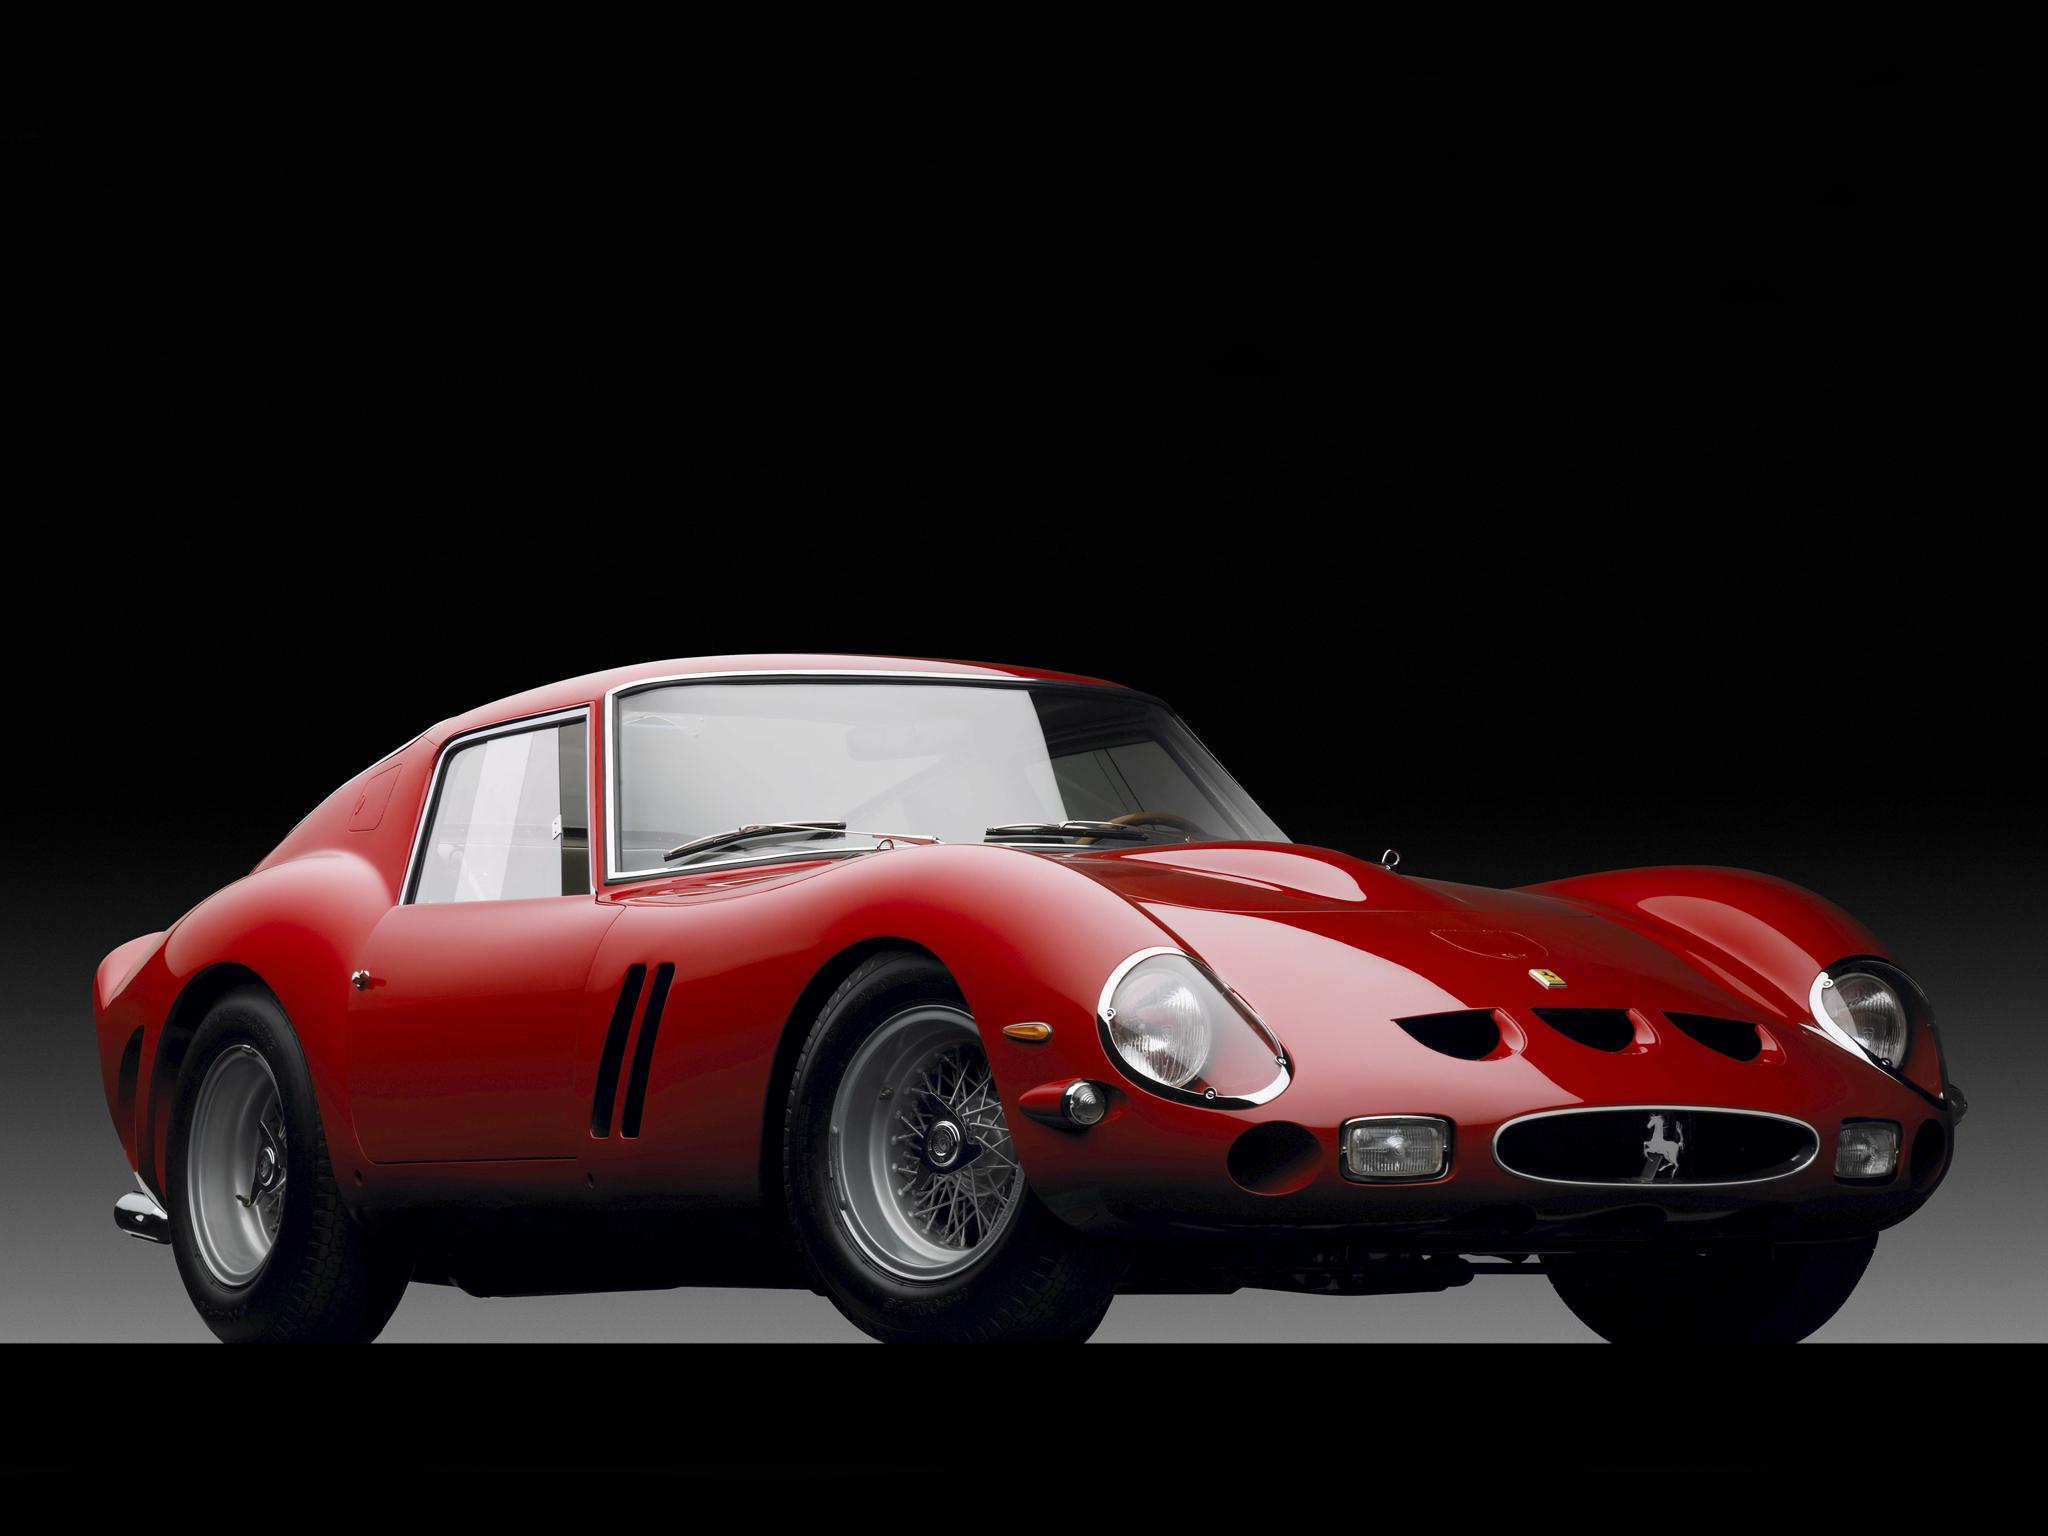 Ferrari 250 GTO I 1962 - 1964 Coupe #1